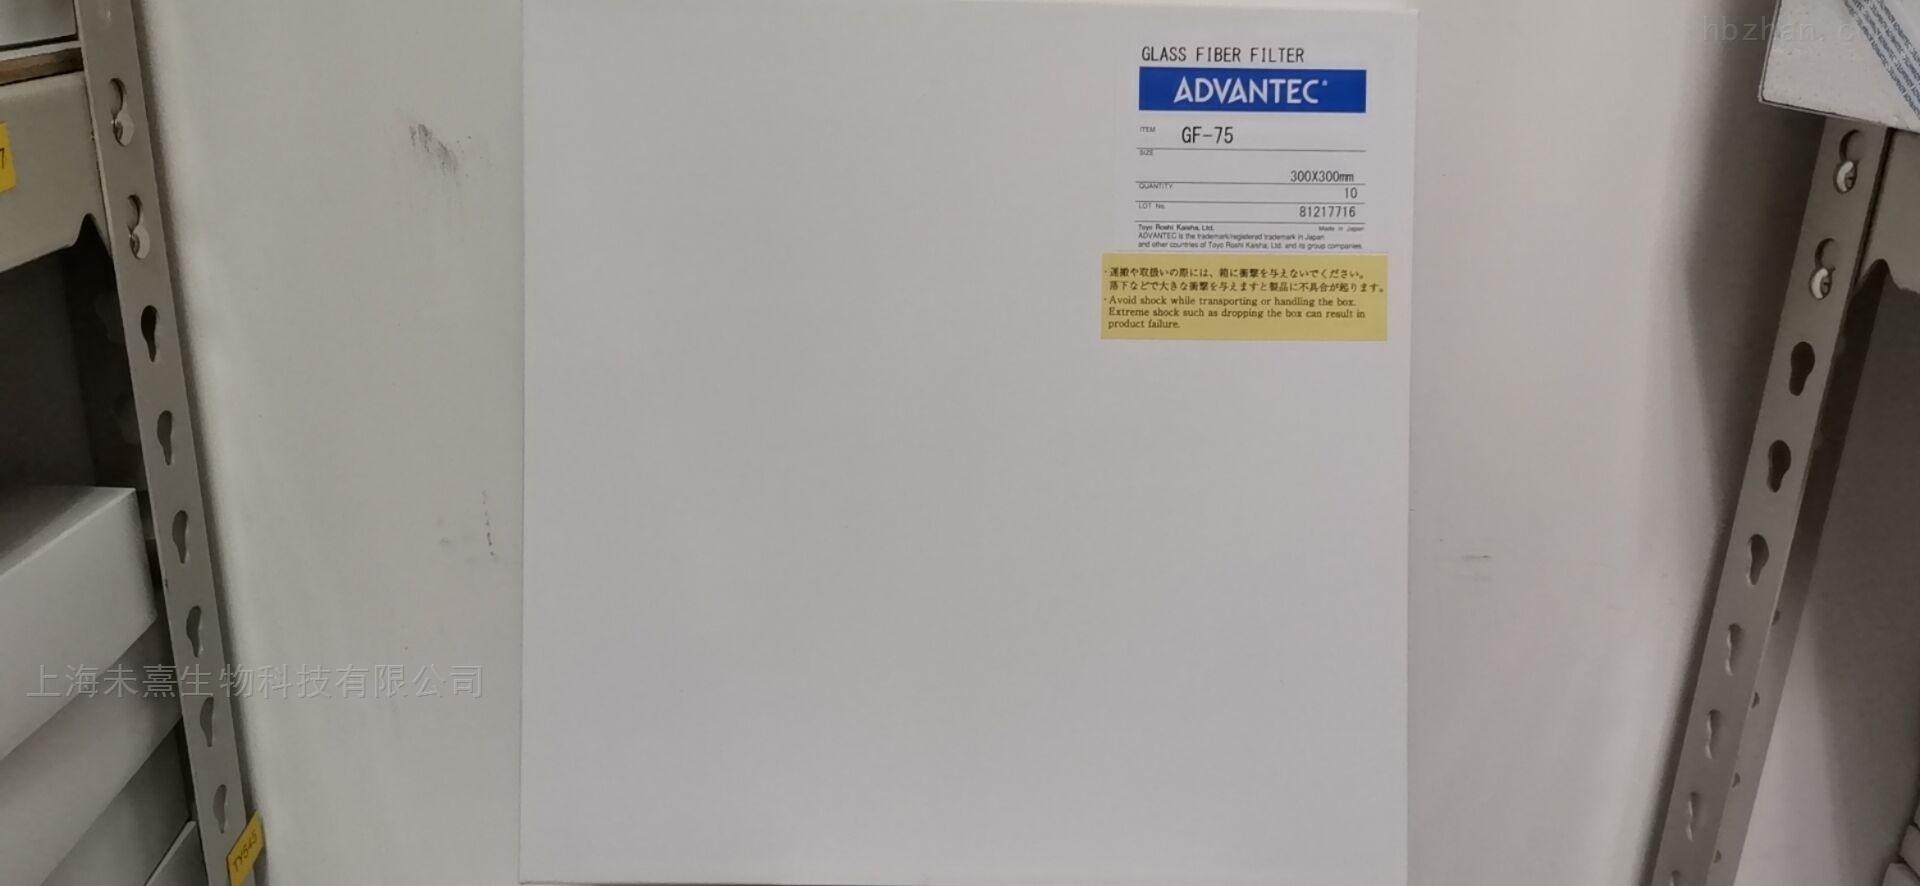 东洋GF75玻璃纤维滤纸尺寸300mm*300mm